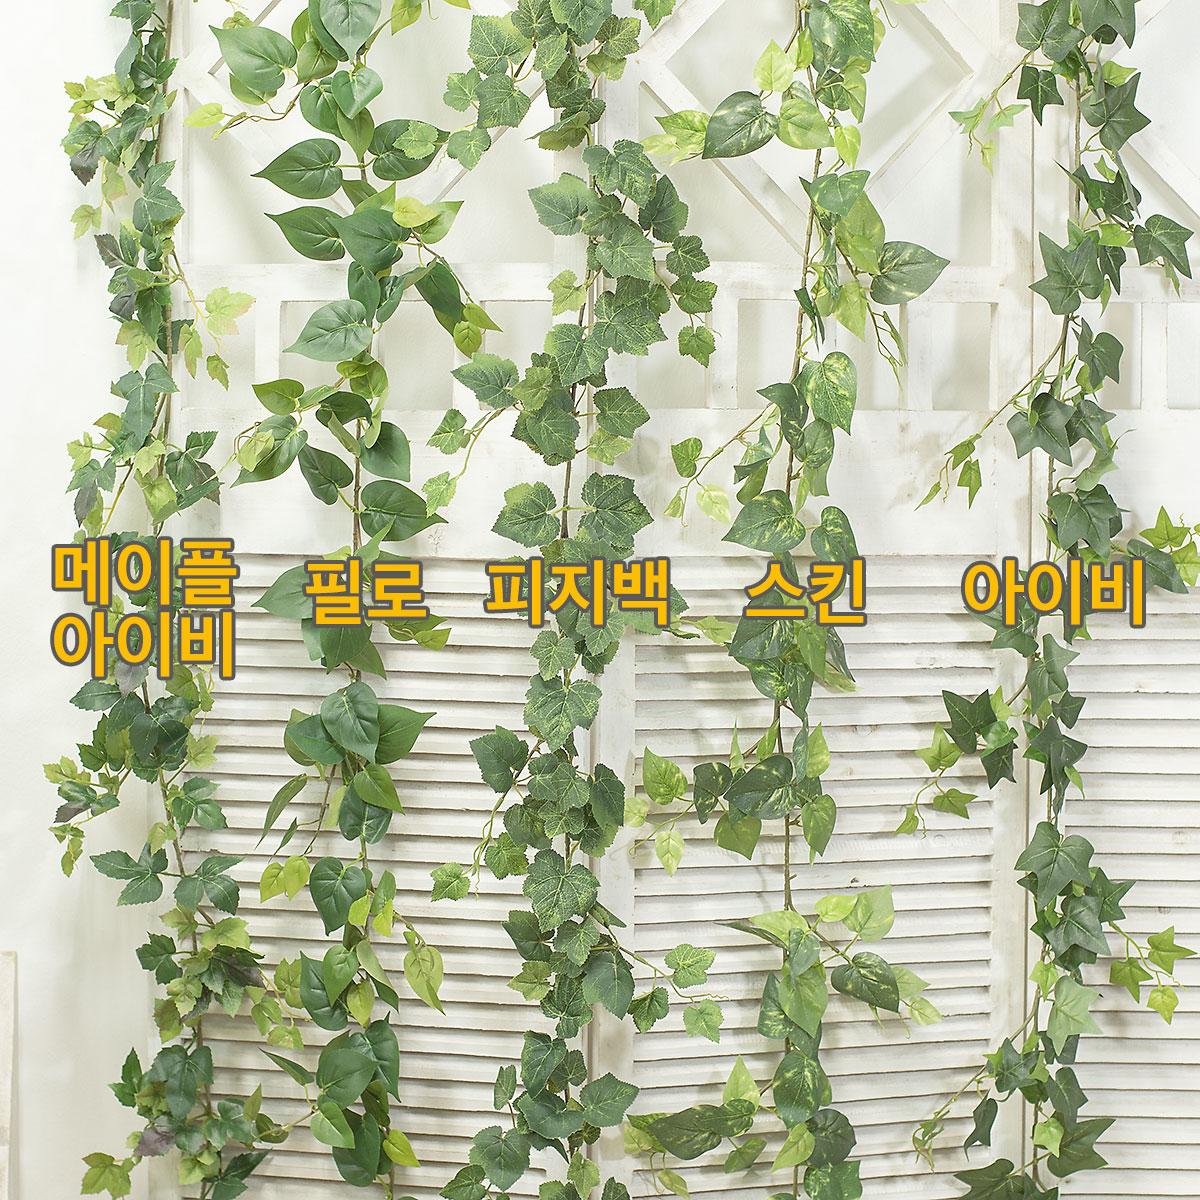 조화넝쿨 네추럴 잎사귀 갈란드 184cm 종류비교